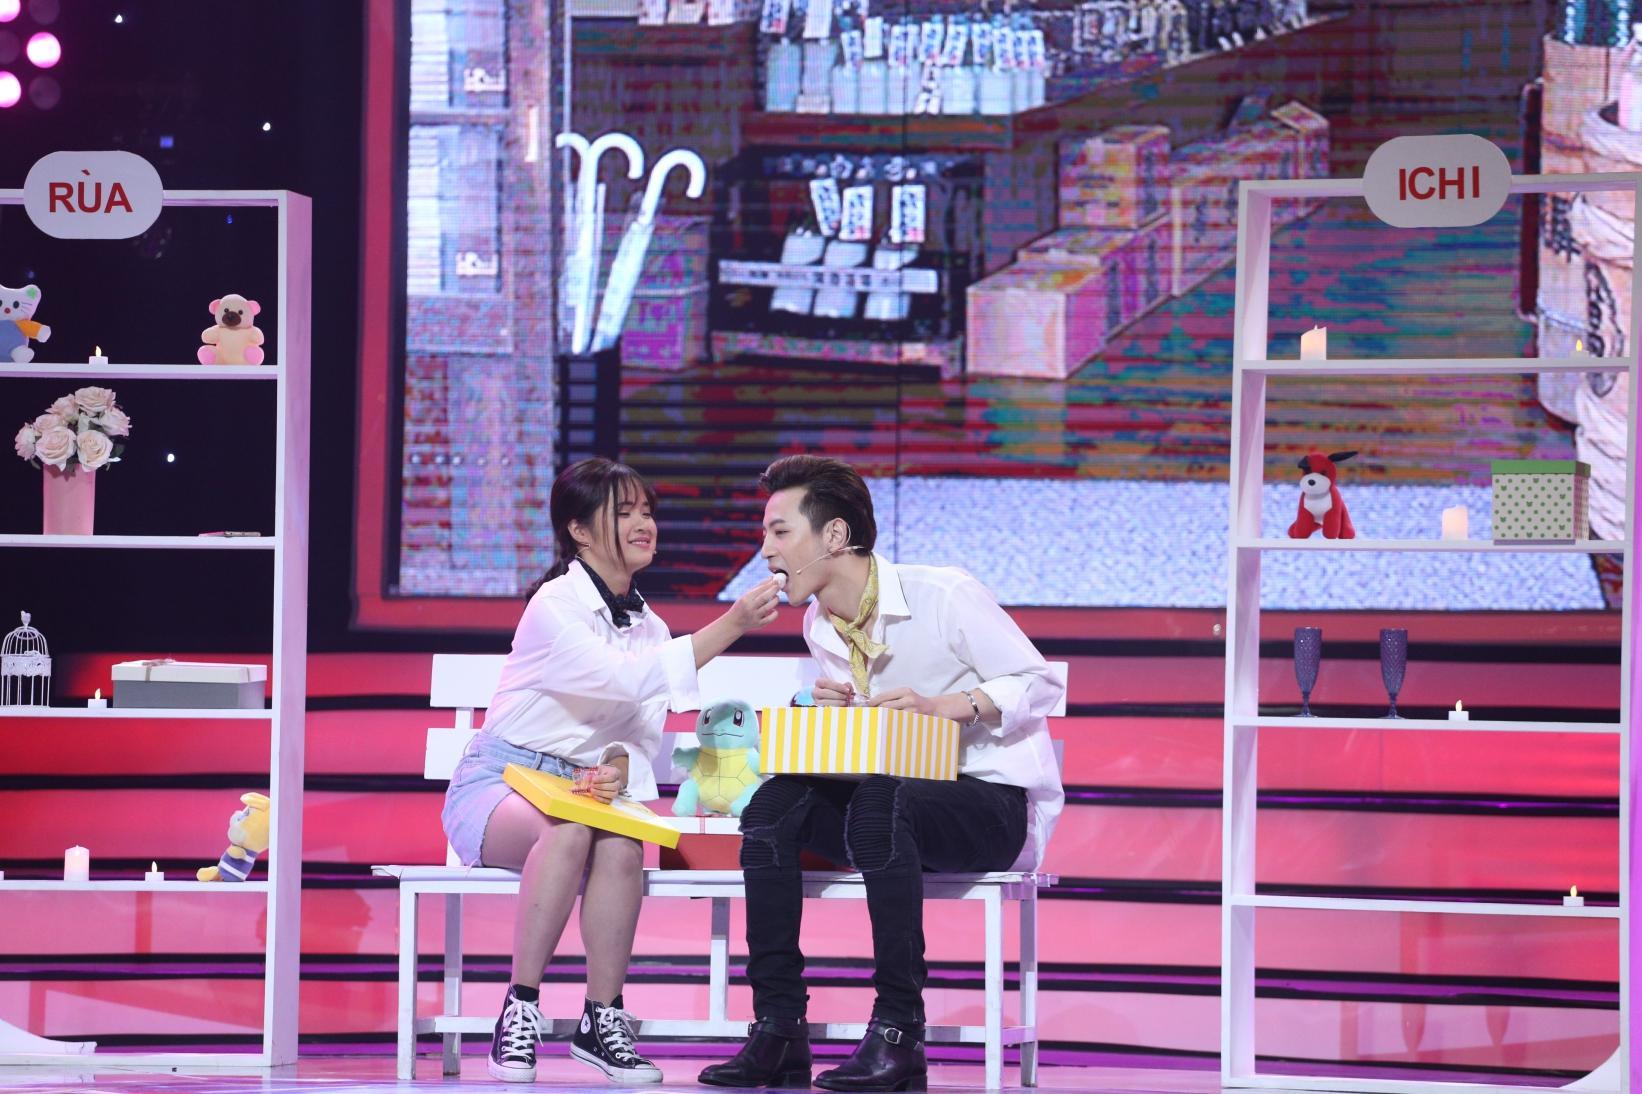 Bay từ Hàn Quốc về tỏ tình với Phí Ngọc Hưng, vậy mà cô gái này nhát đến nỗi không dám đọc kết quả-3